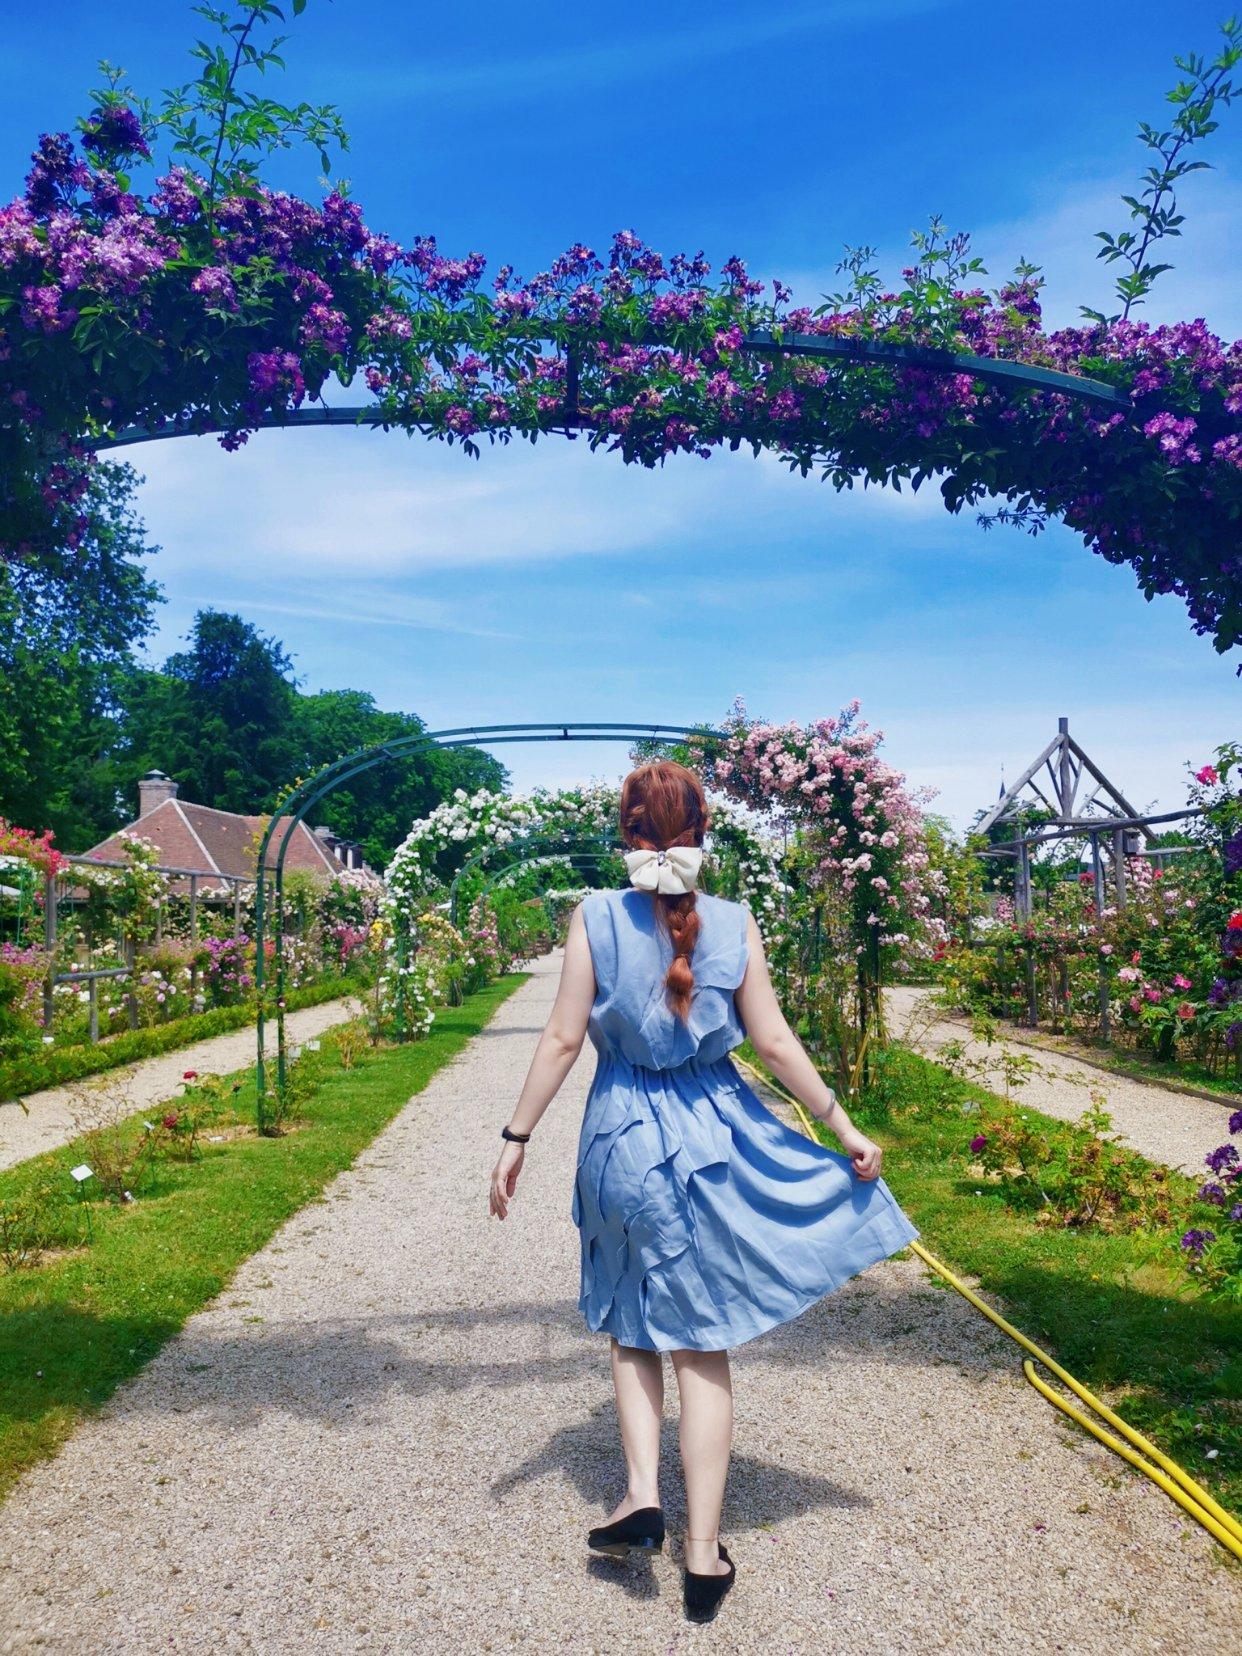 【游玩好去处】来看六月的玫瑰吧!